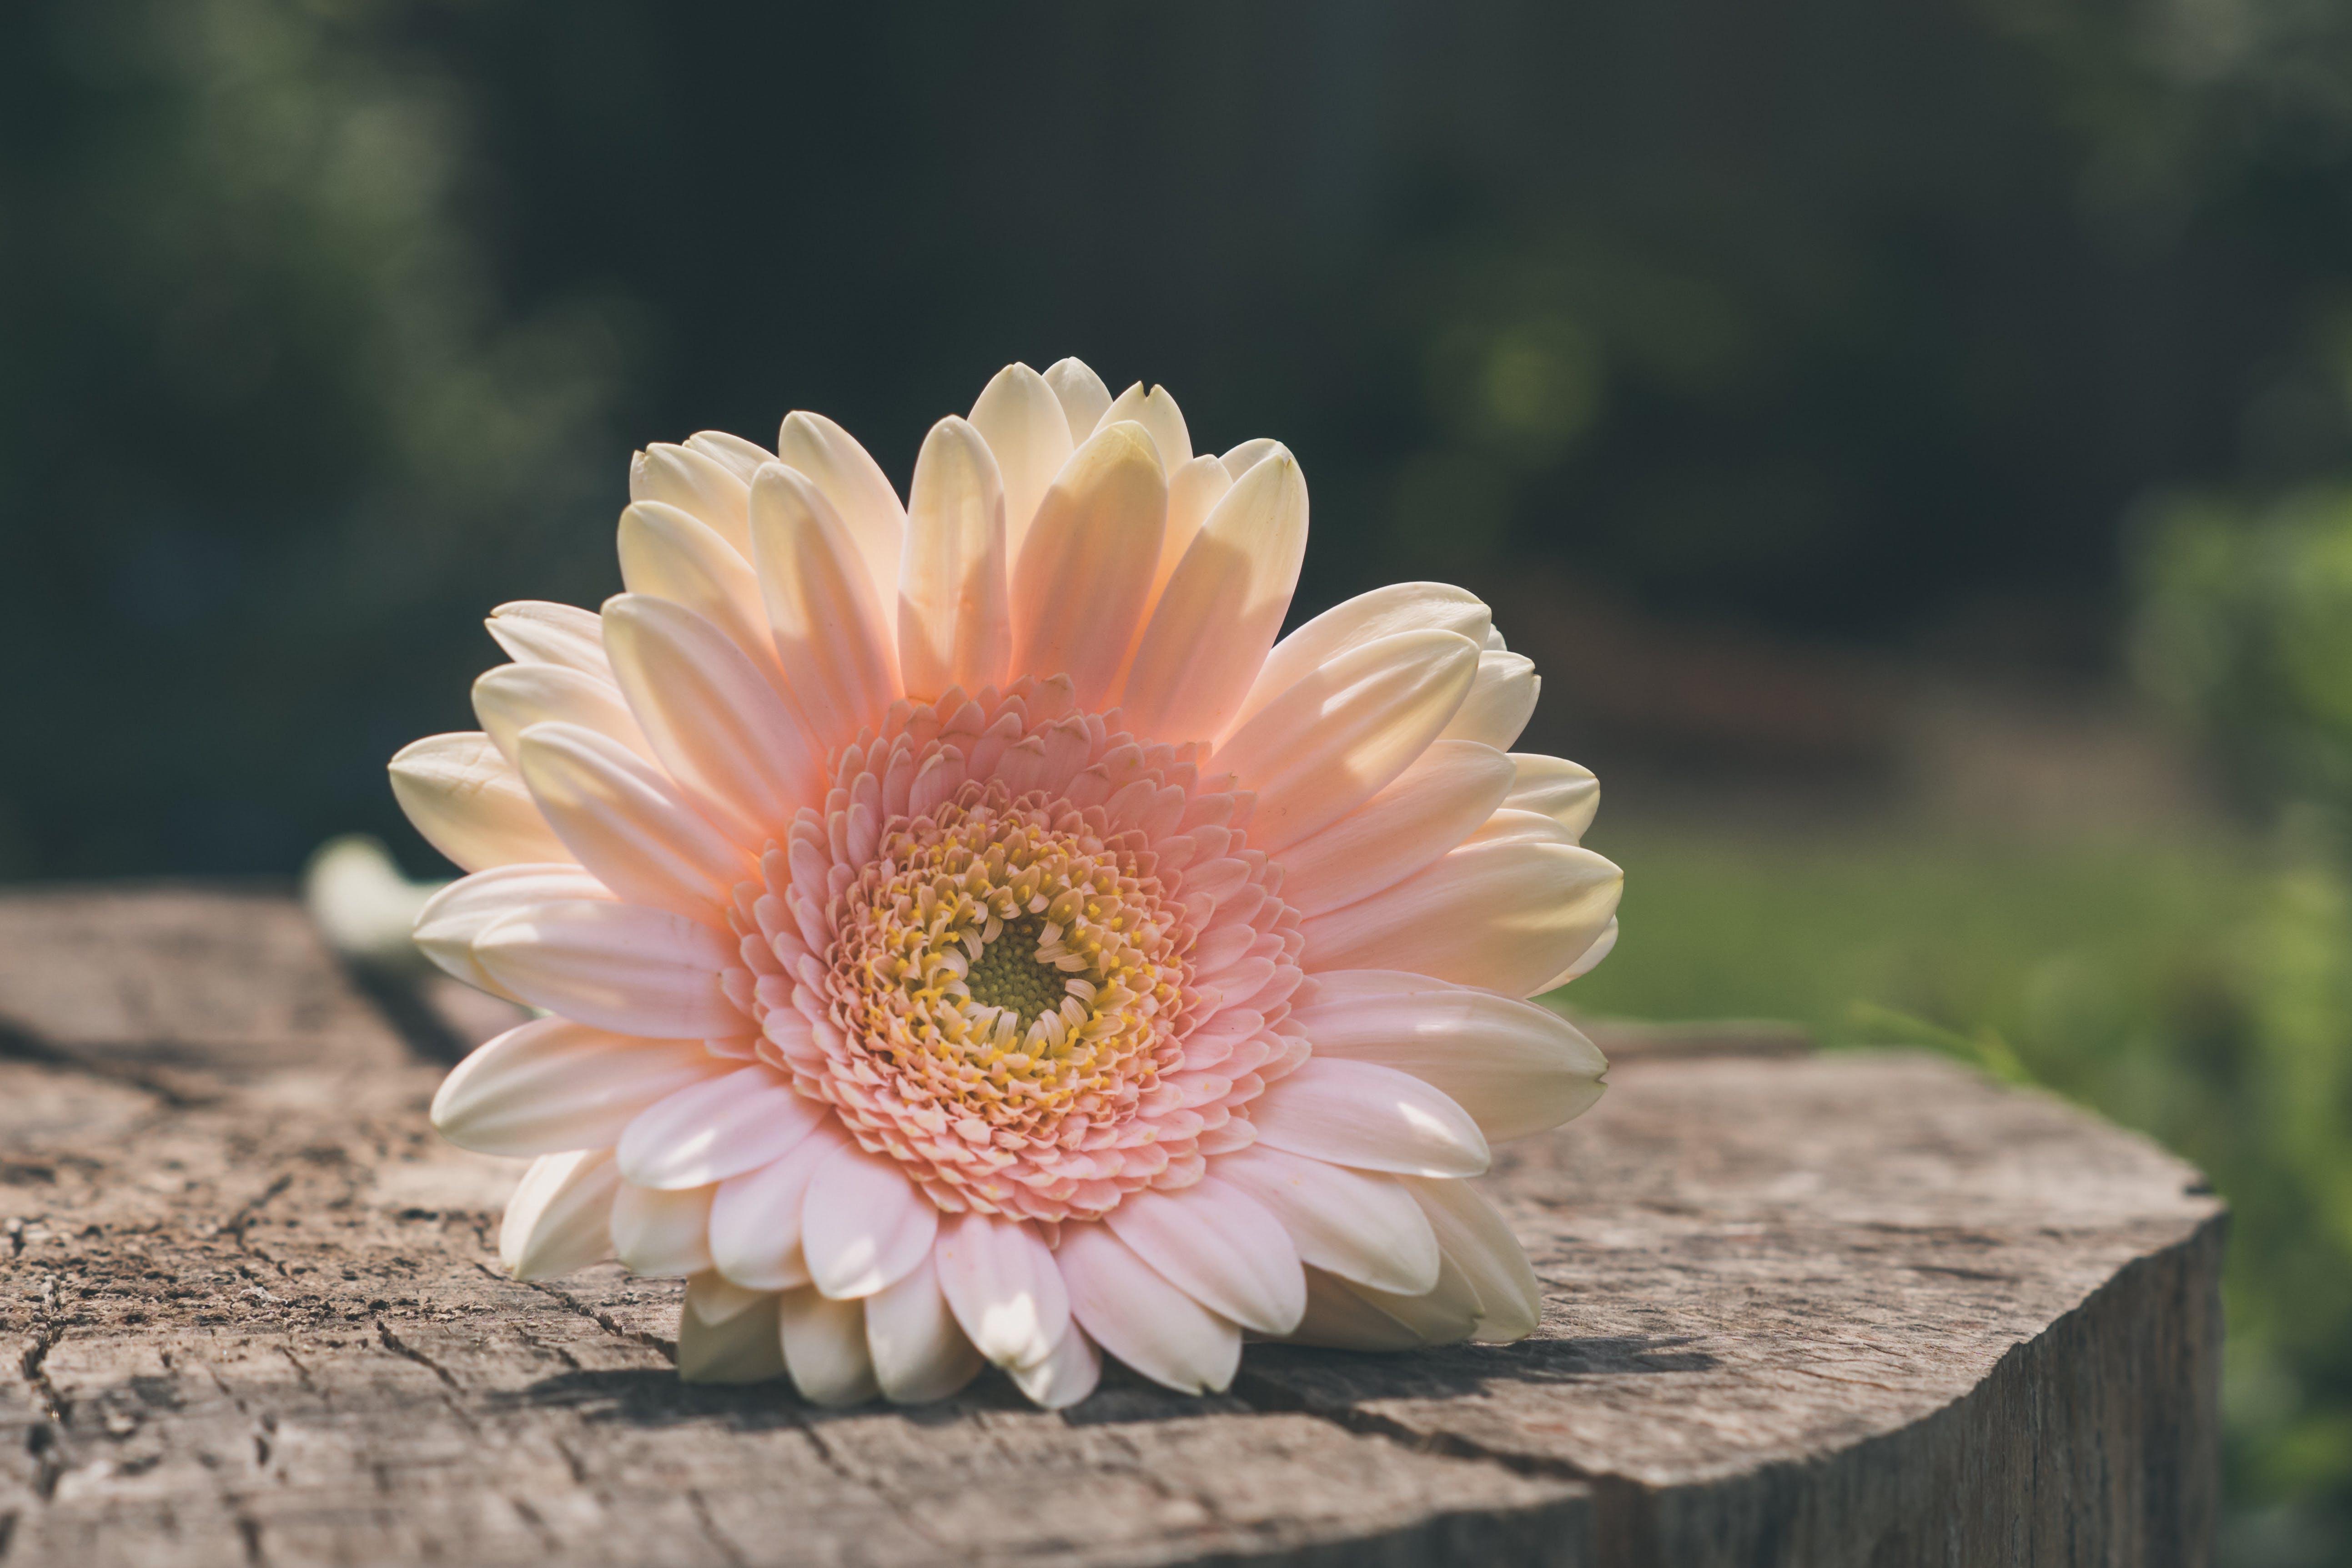 Foto d'estoc gratuïta de flor, flors, fons borrós, fusta